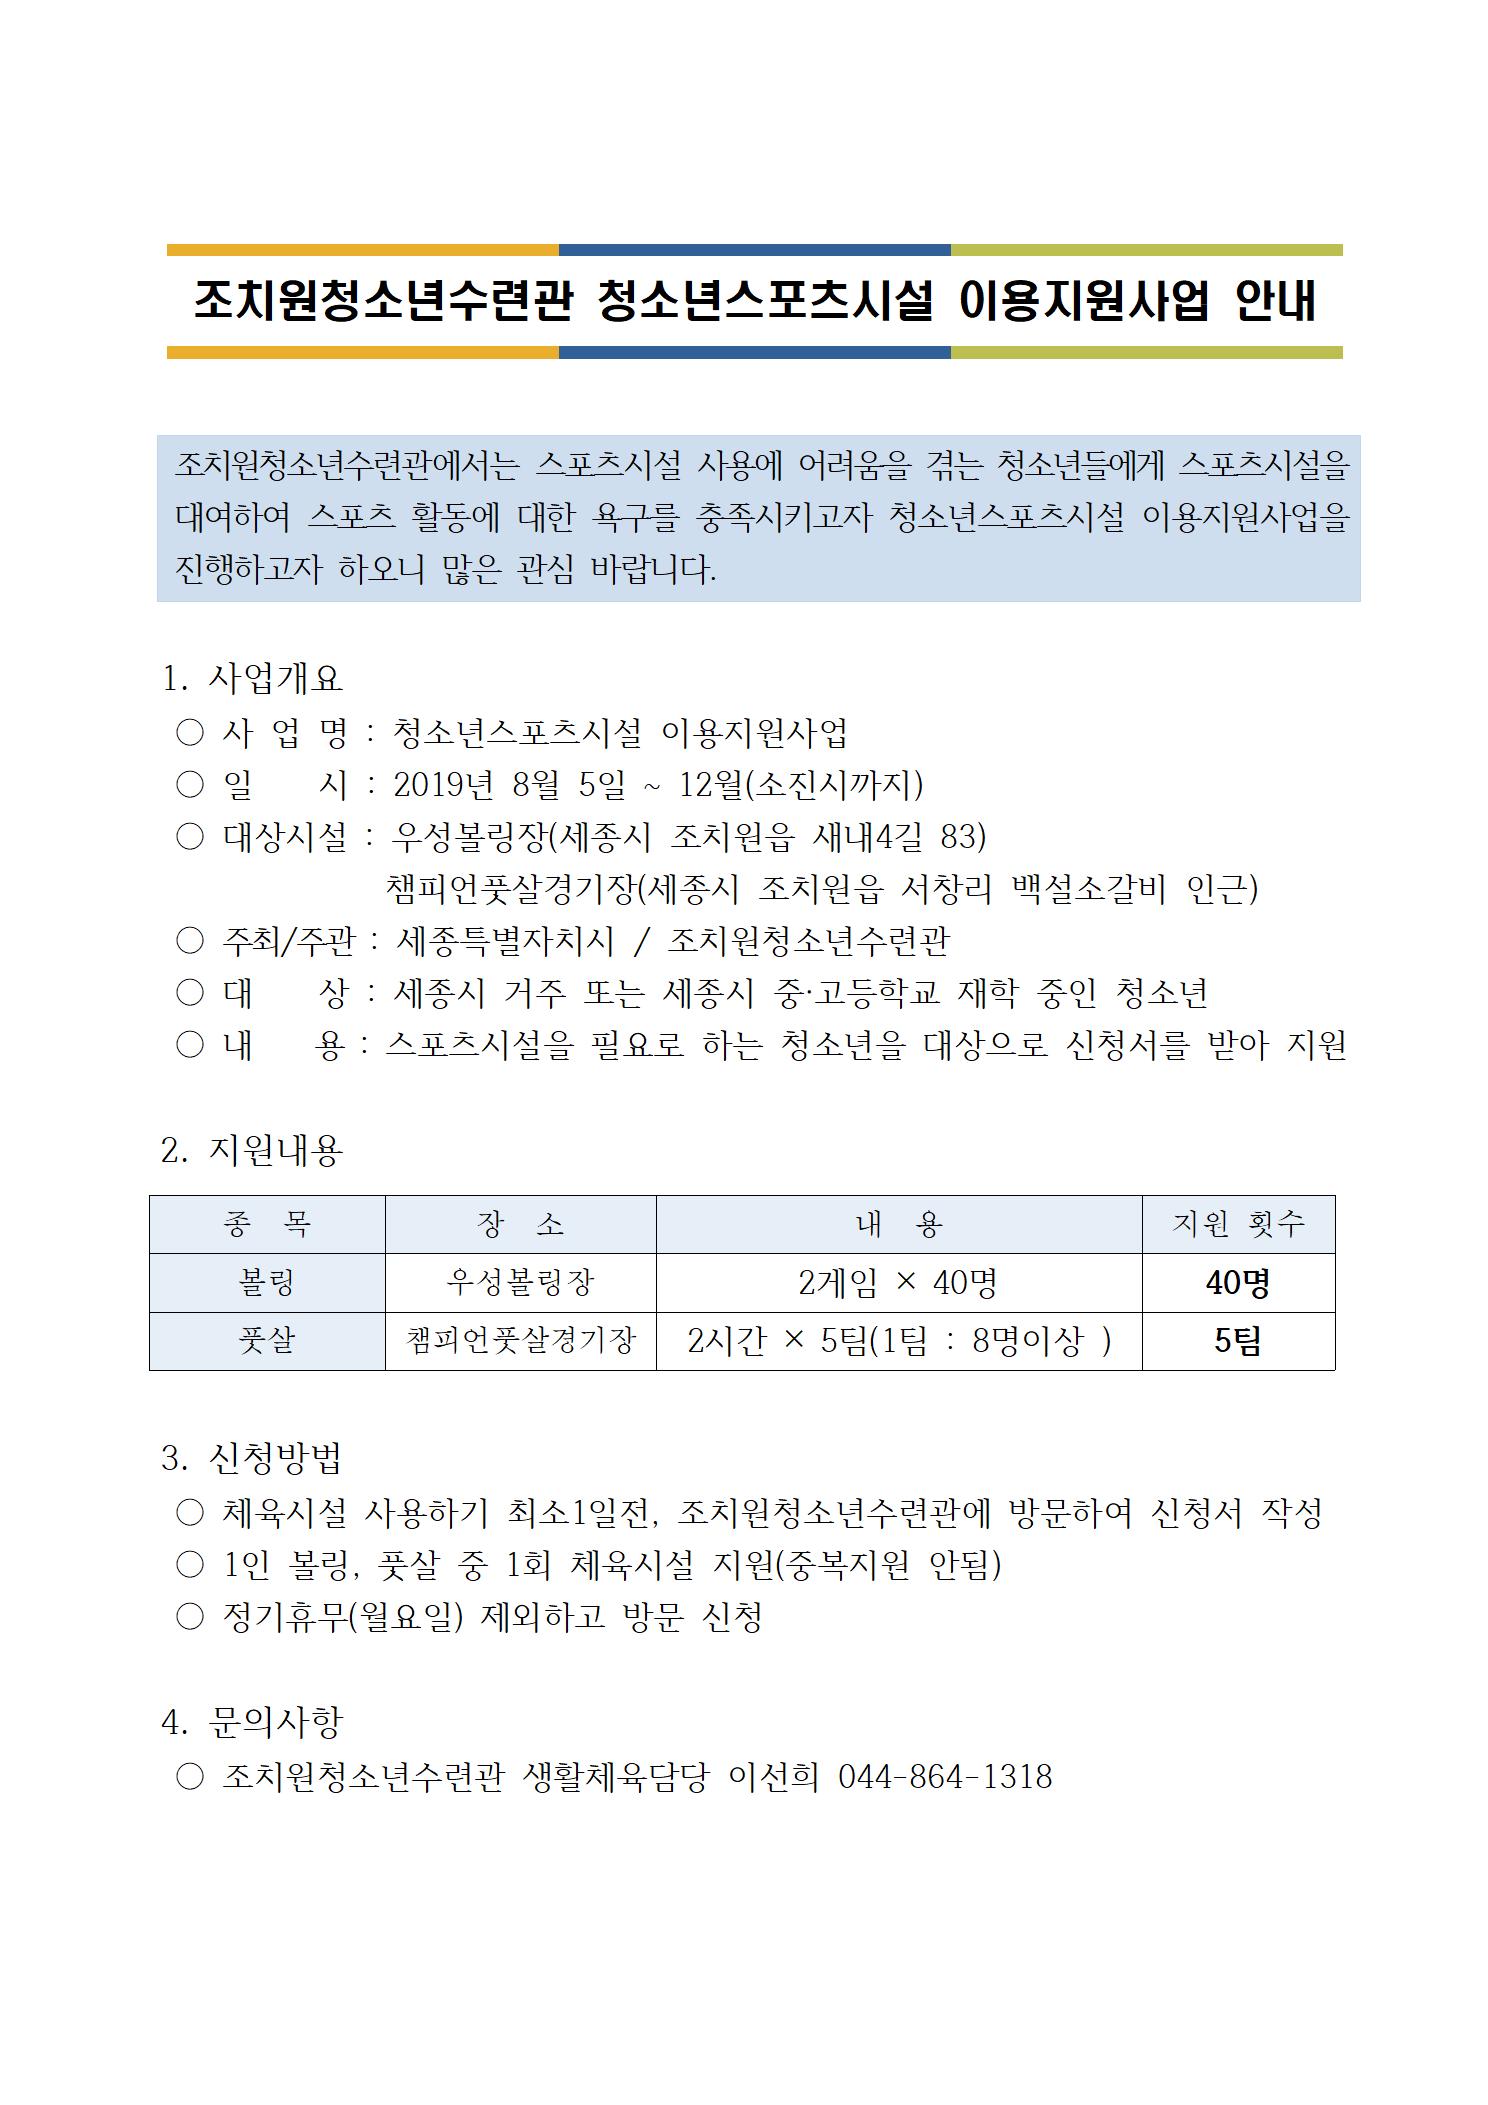 2019 청소년스포츠시설 이용지원사업 공고문, 신청서(하)001.png